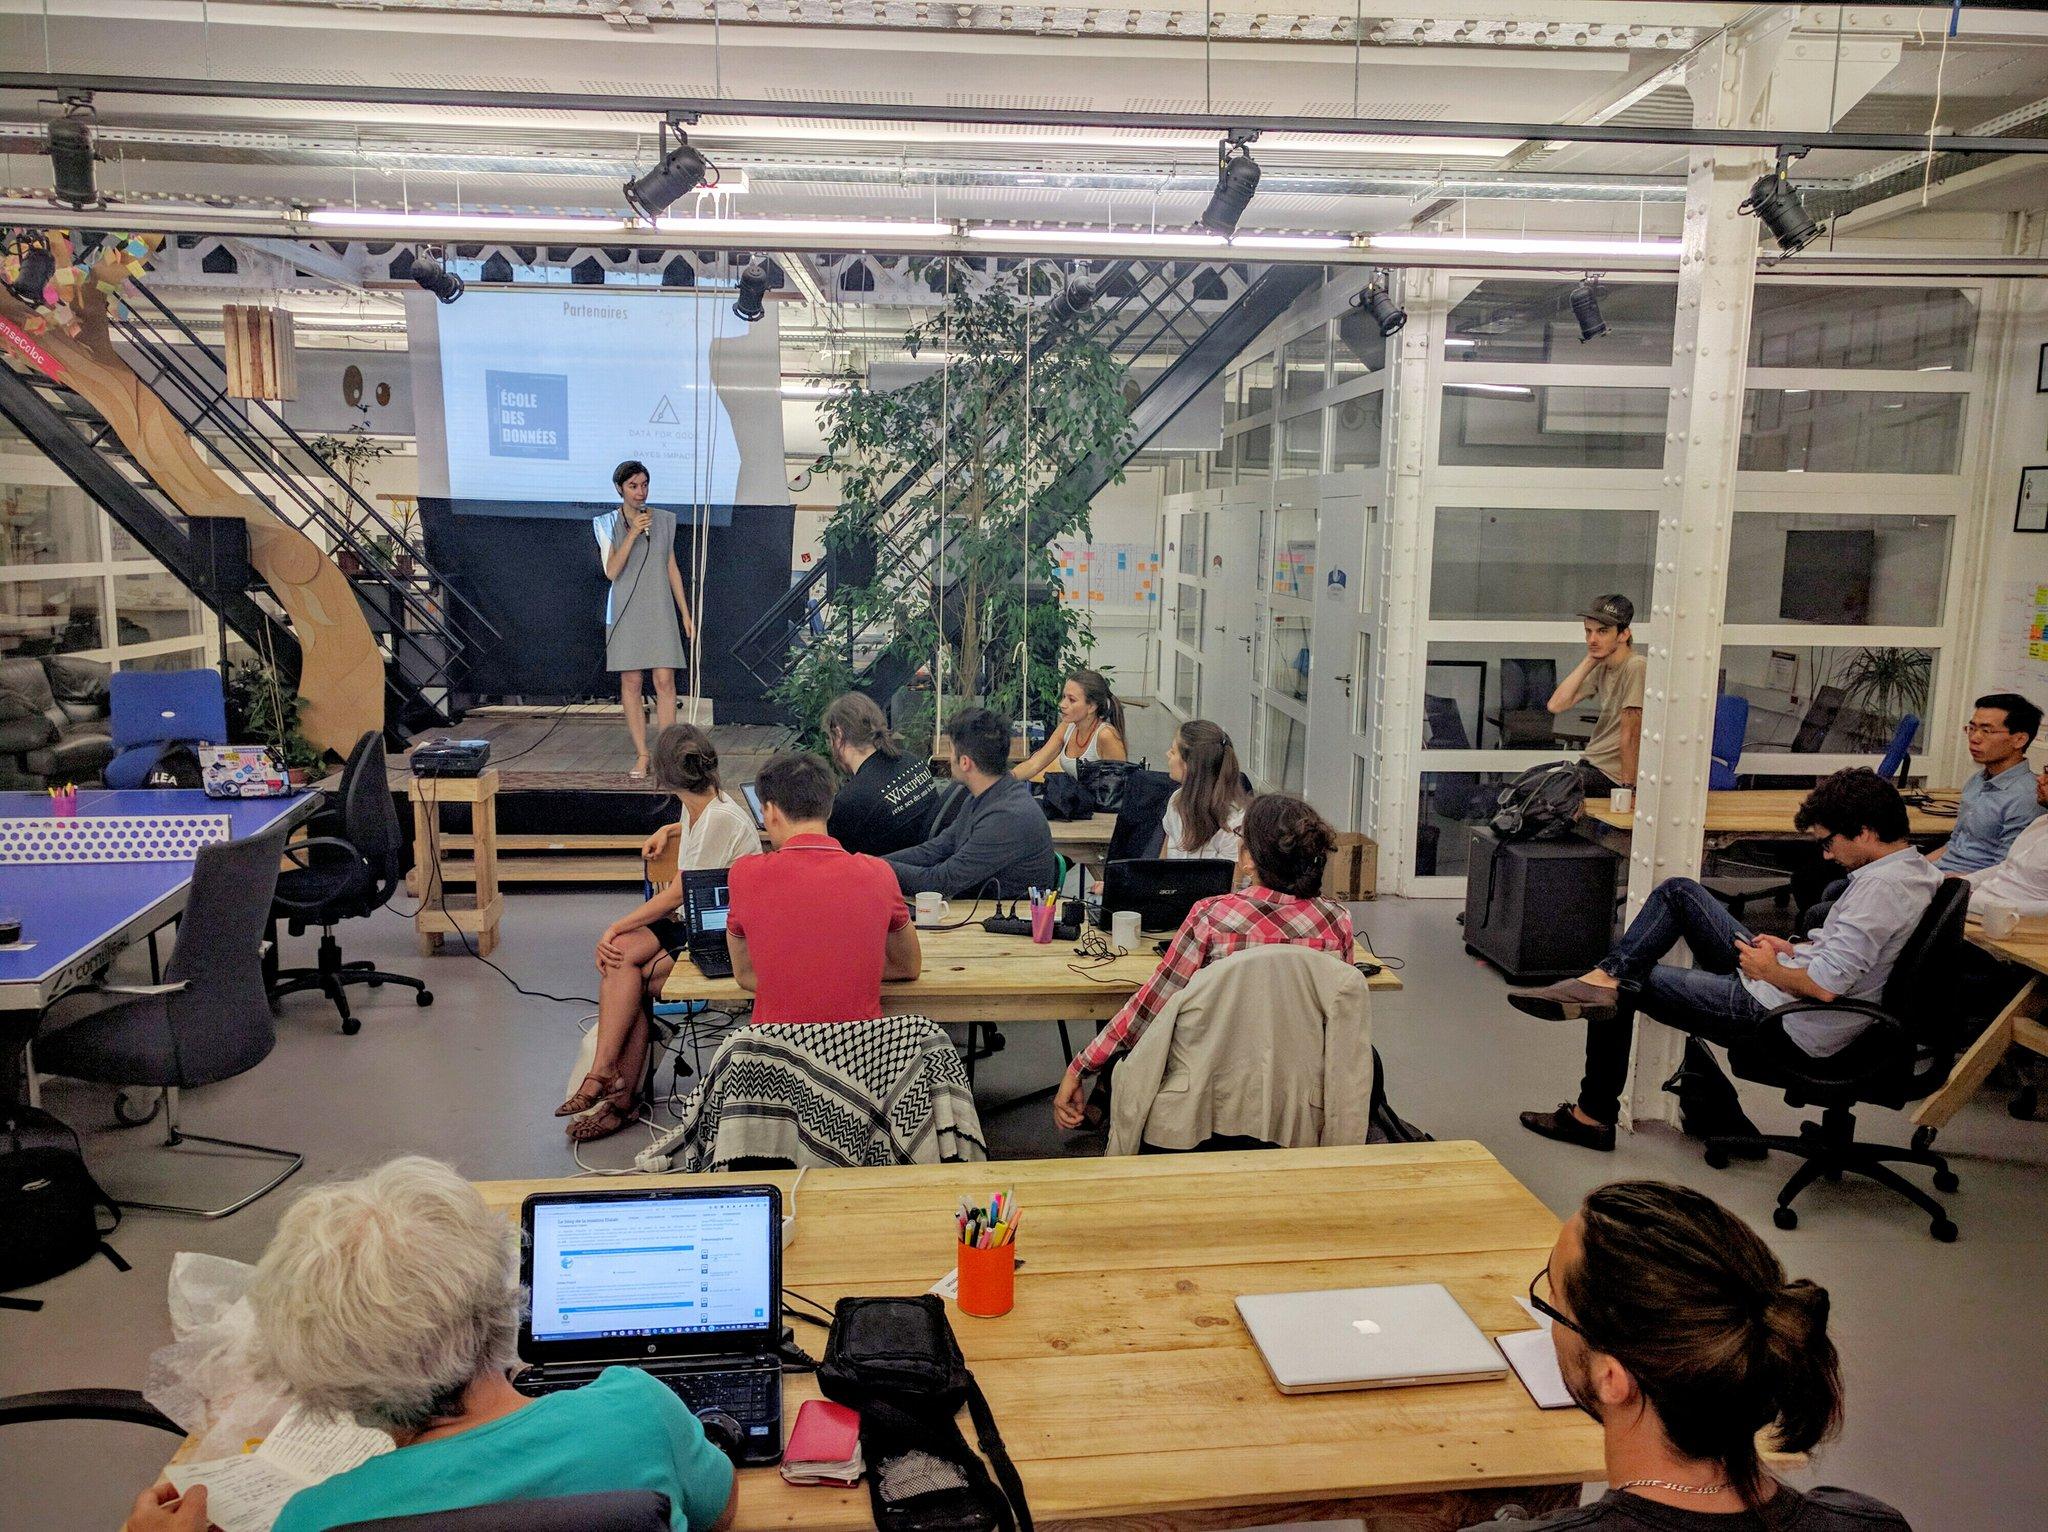 Ce matin @_cmfg présente l'Open Data Camp #OpenAsso, avec @DataForGood_FR et @Ecoledesdonnees au @SenseCubeCC https://t.co/ZBp1CpX9nn